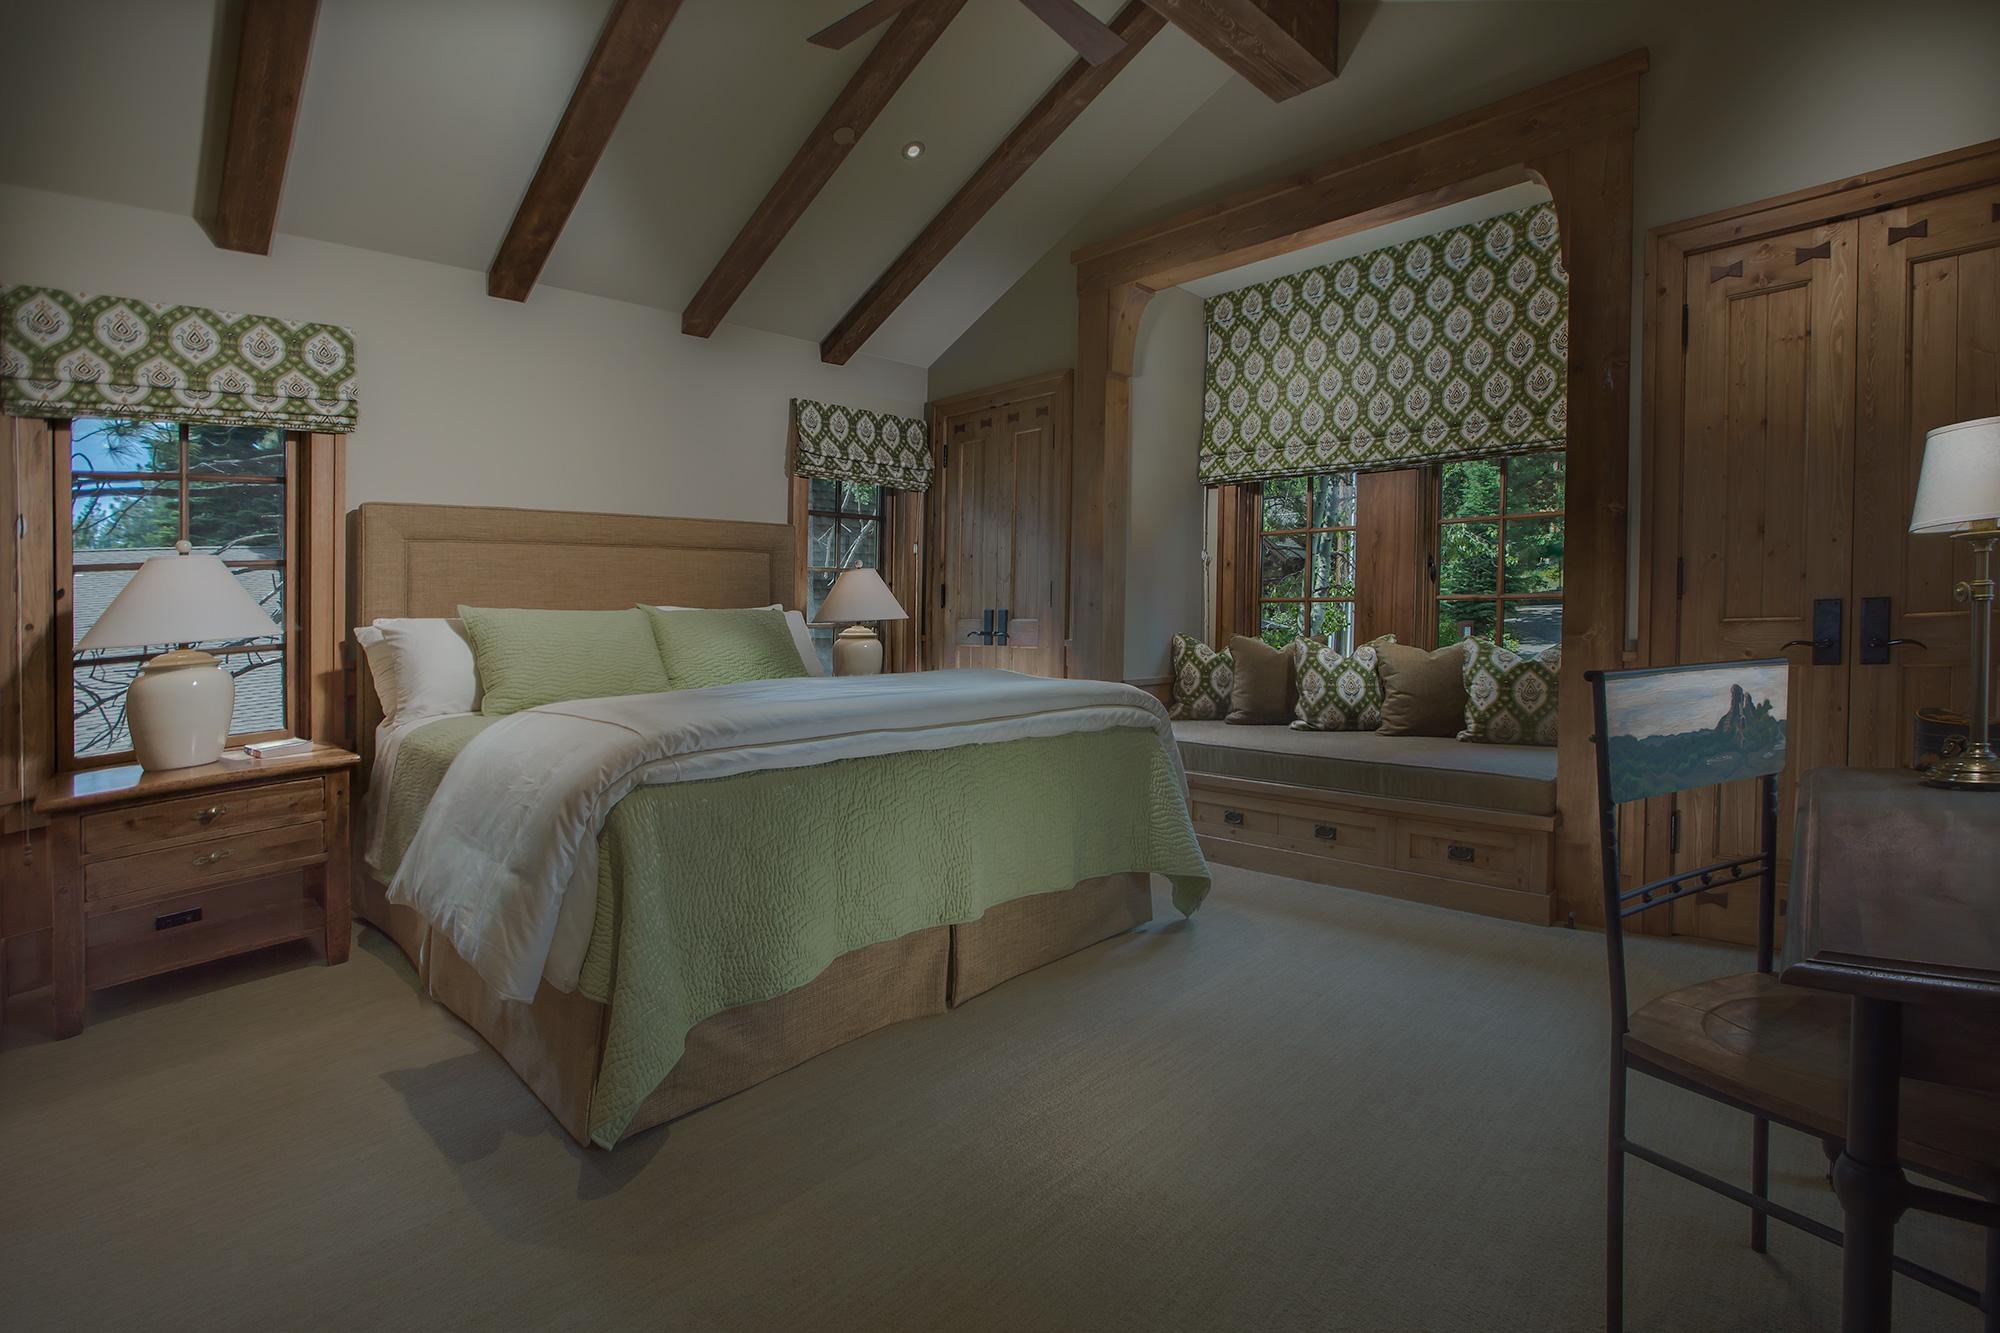 tahoe-schwab-residence-guest.jpg